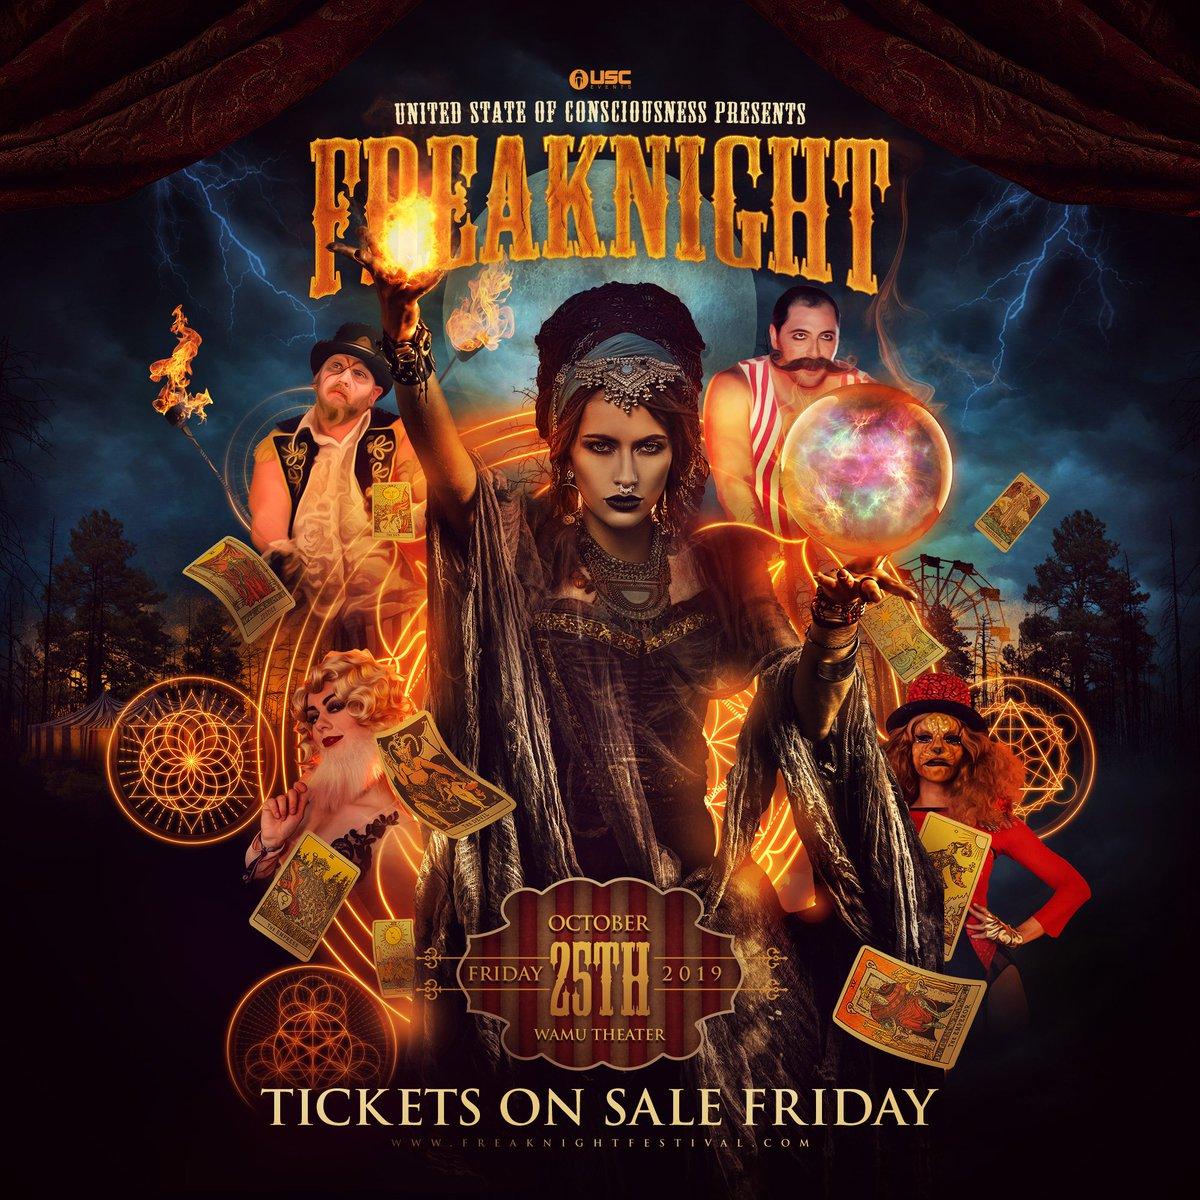 2019 Freaknight Tickets